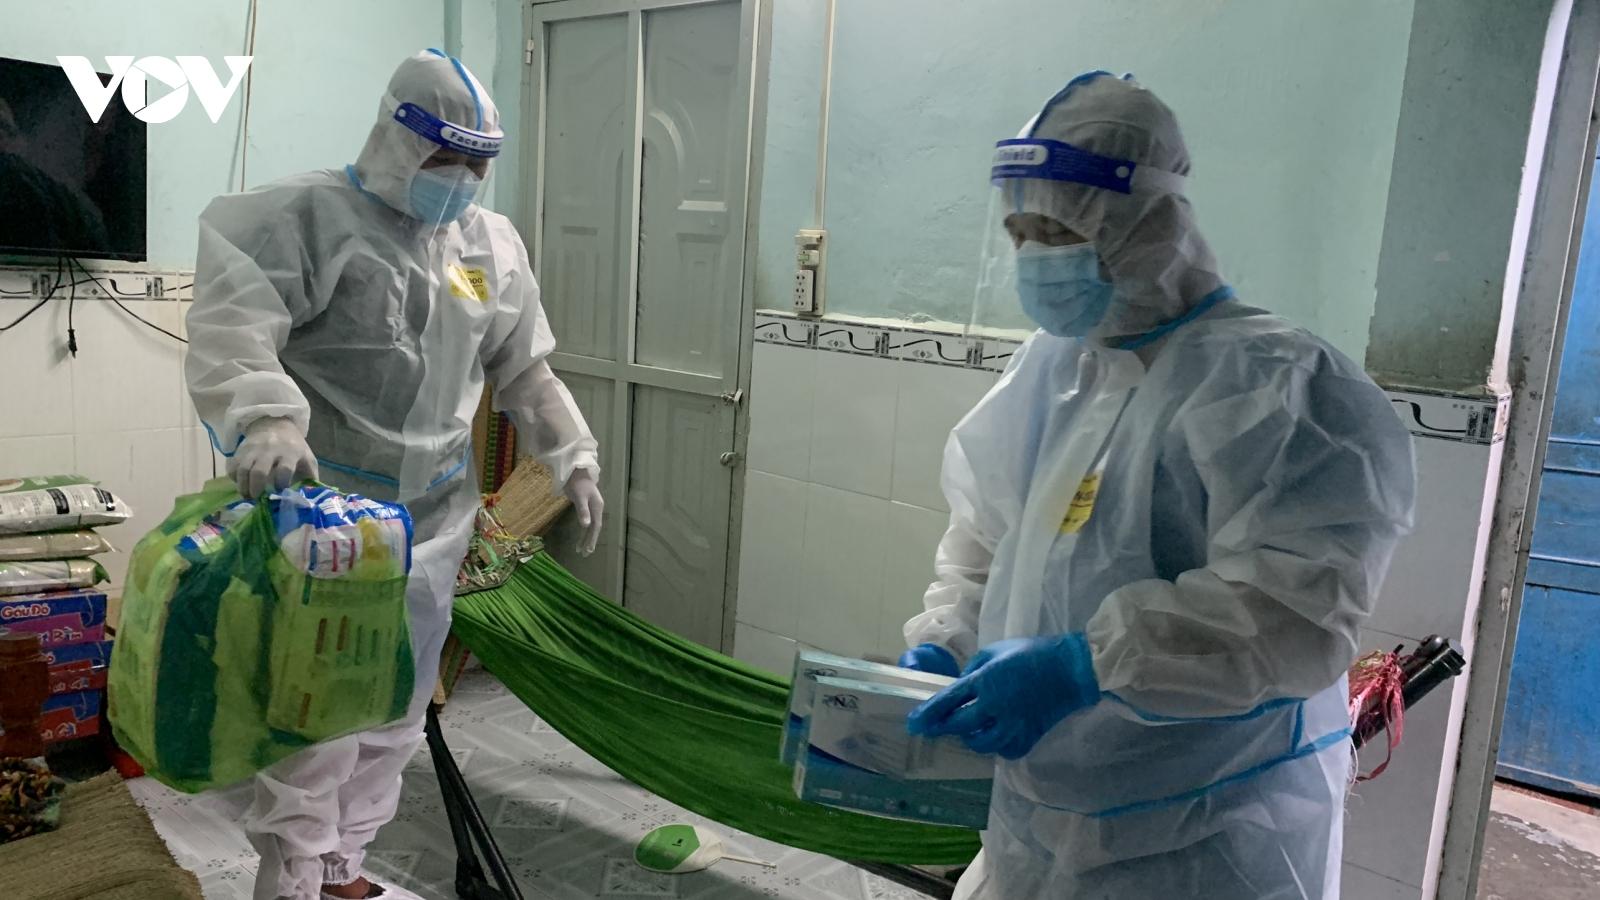 Trạm y tế lưu động tại TP.HCM: Đưa y tế gần hơn với F0 điều trị tại nhà